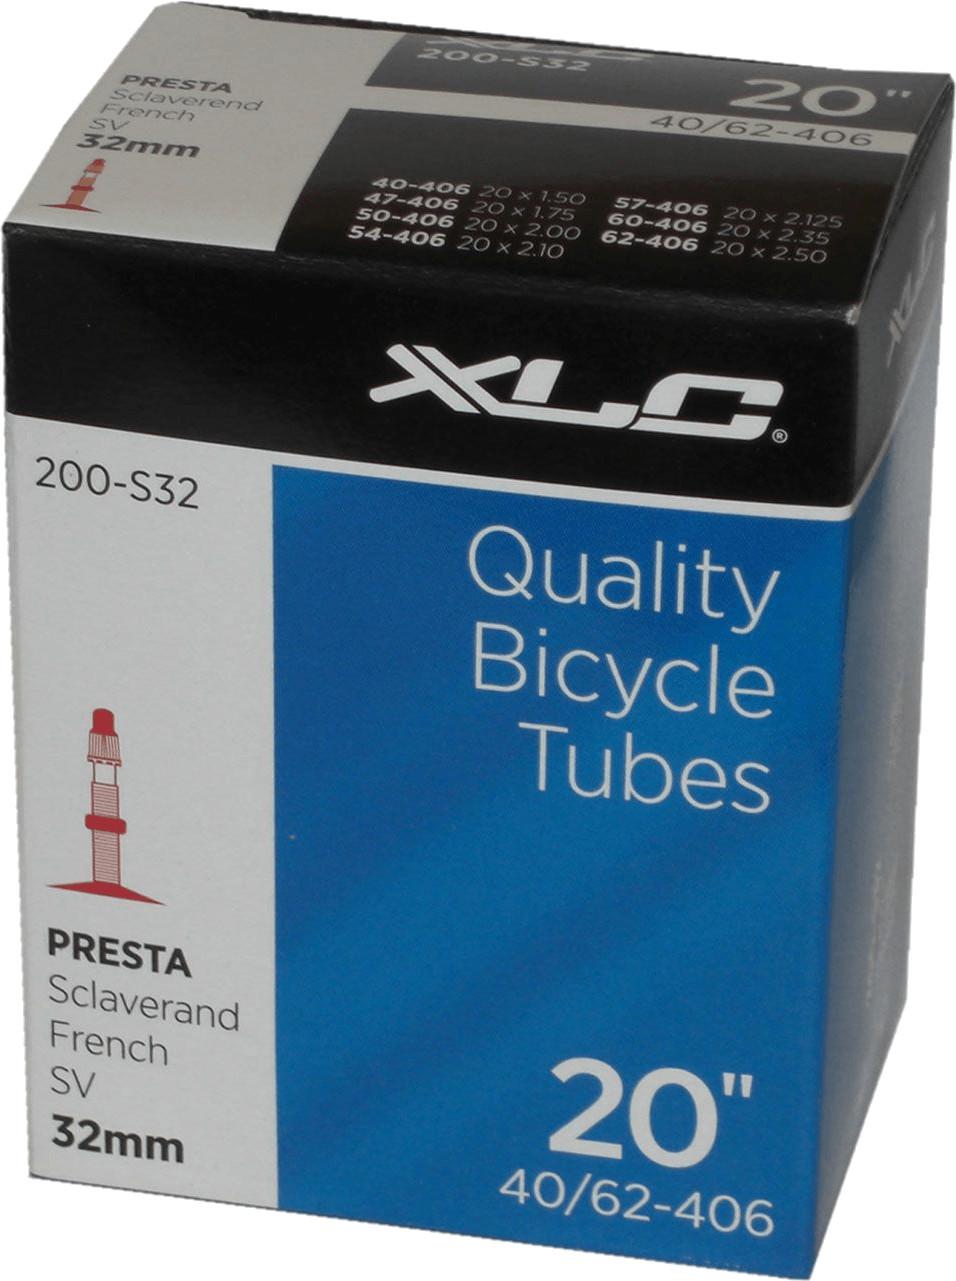 XLC Fahrradschlauch 20´´ mit Sclaverand-Ventil (VT-S20)